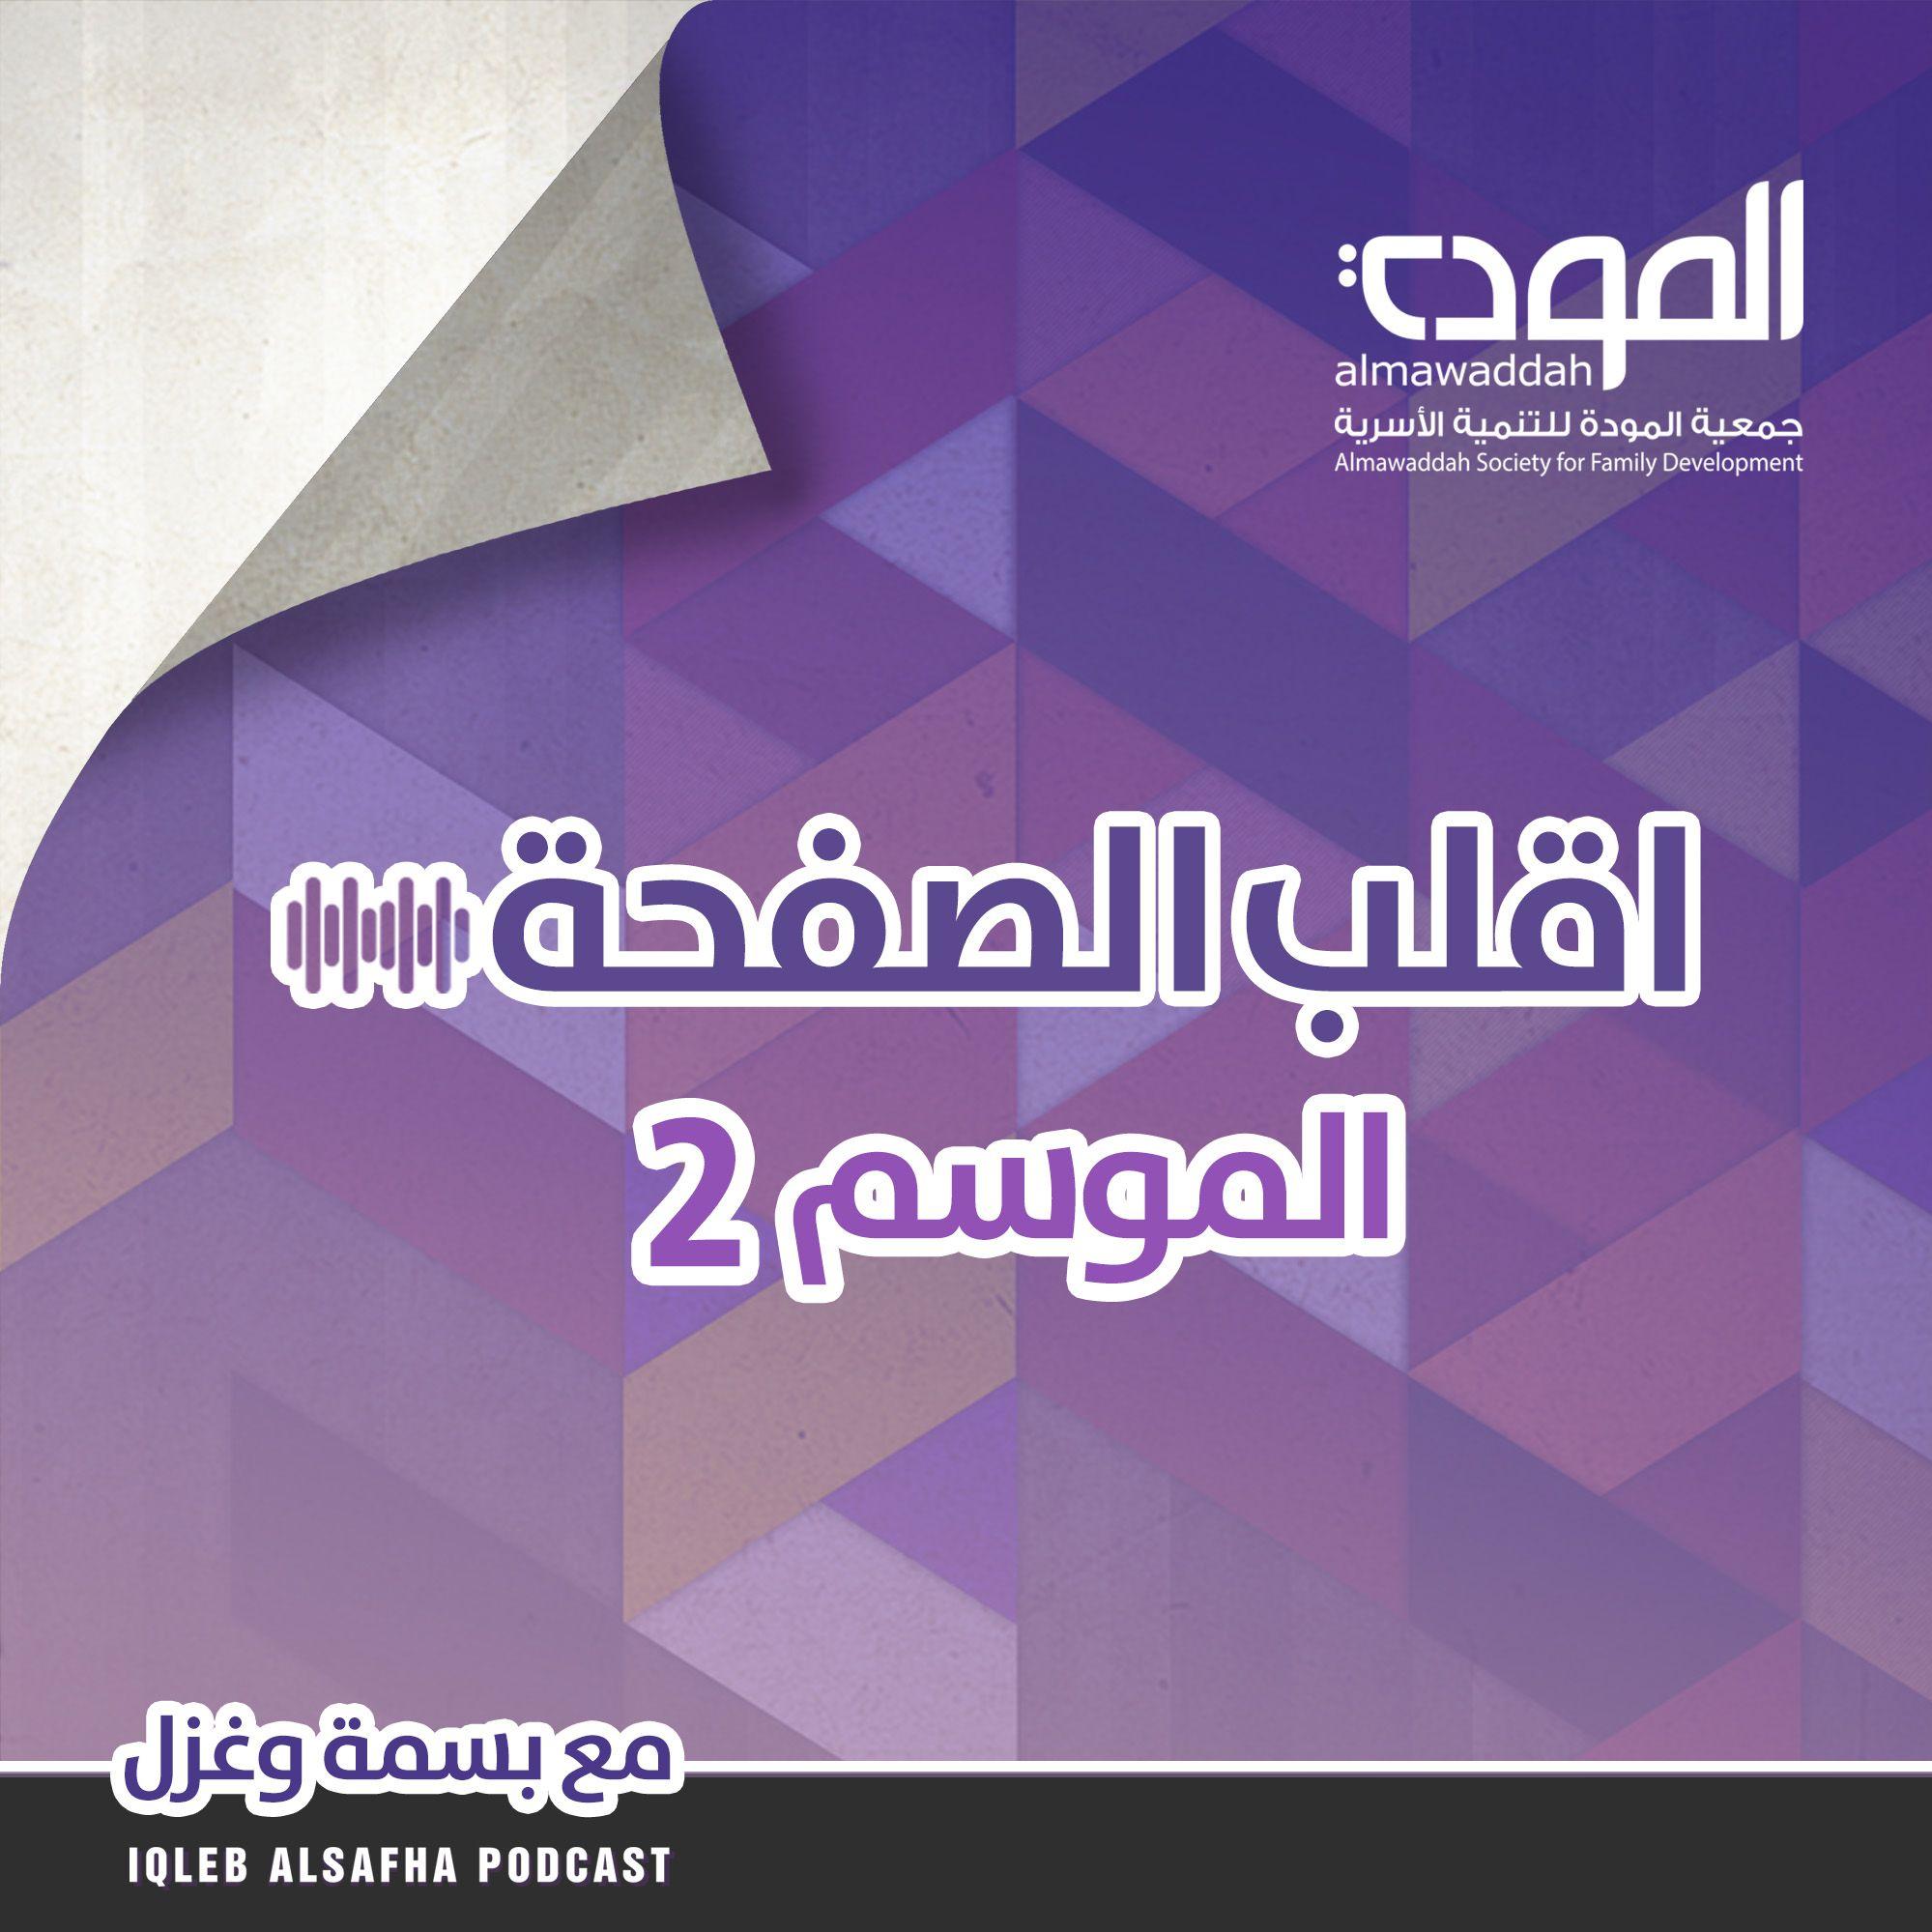 الحلقة 20: الإرشاد الأسري - جمعية المودة